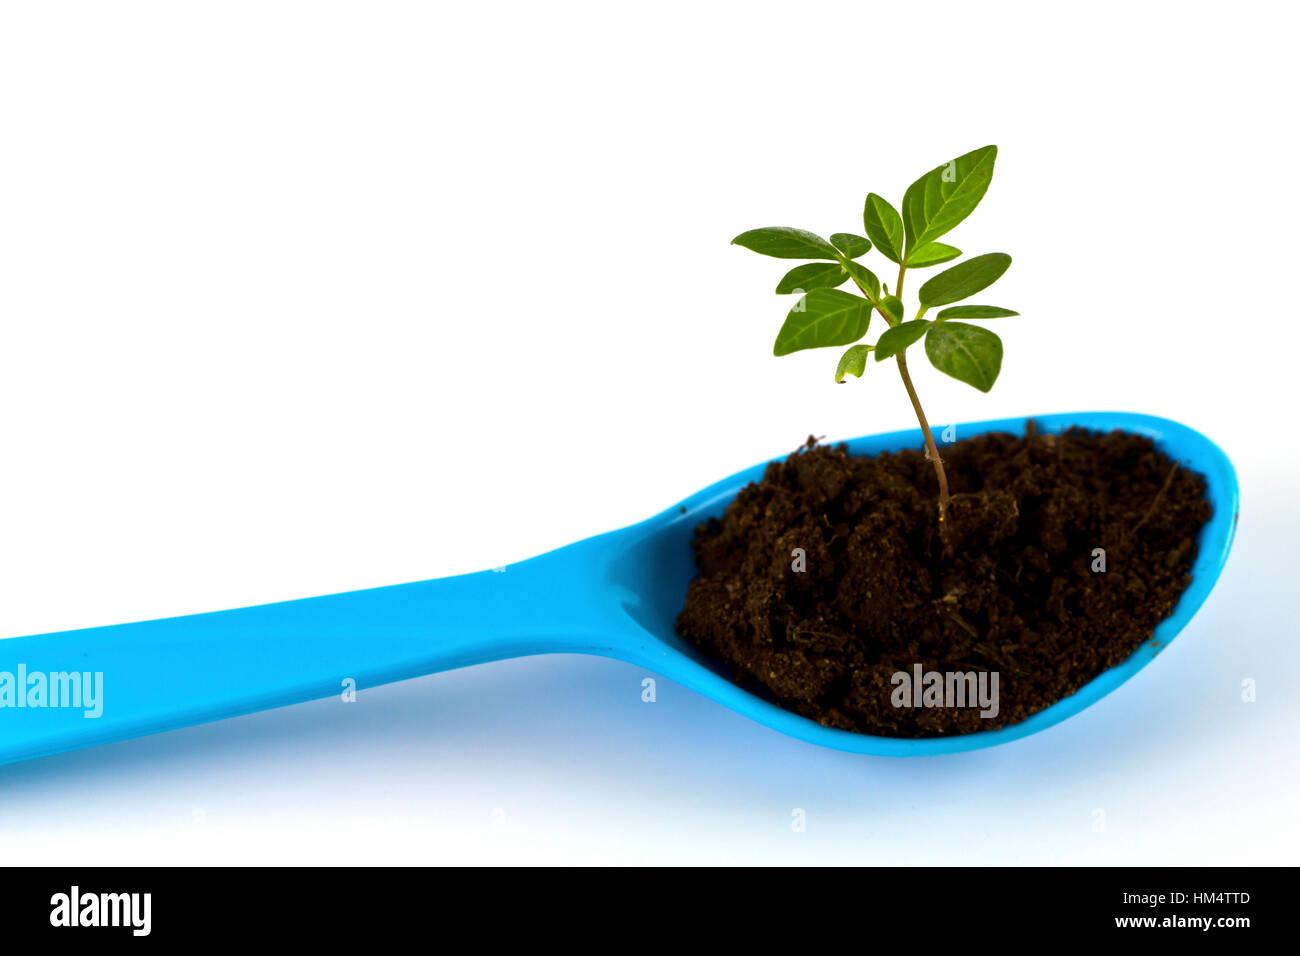 Wachsende grüne Pflanze auf Sppon isoliert auf weißem Hintergrund. Stockbild